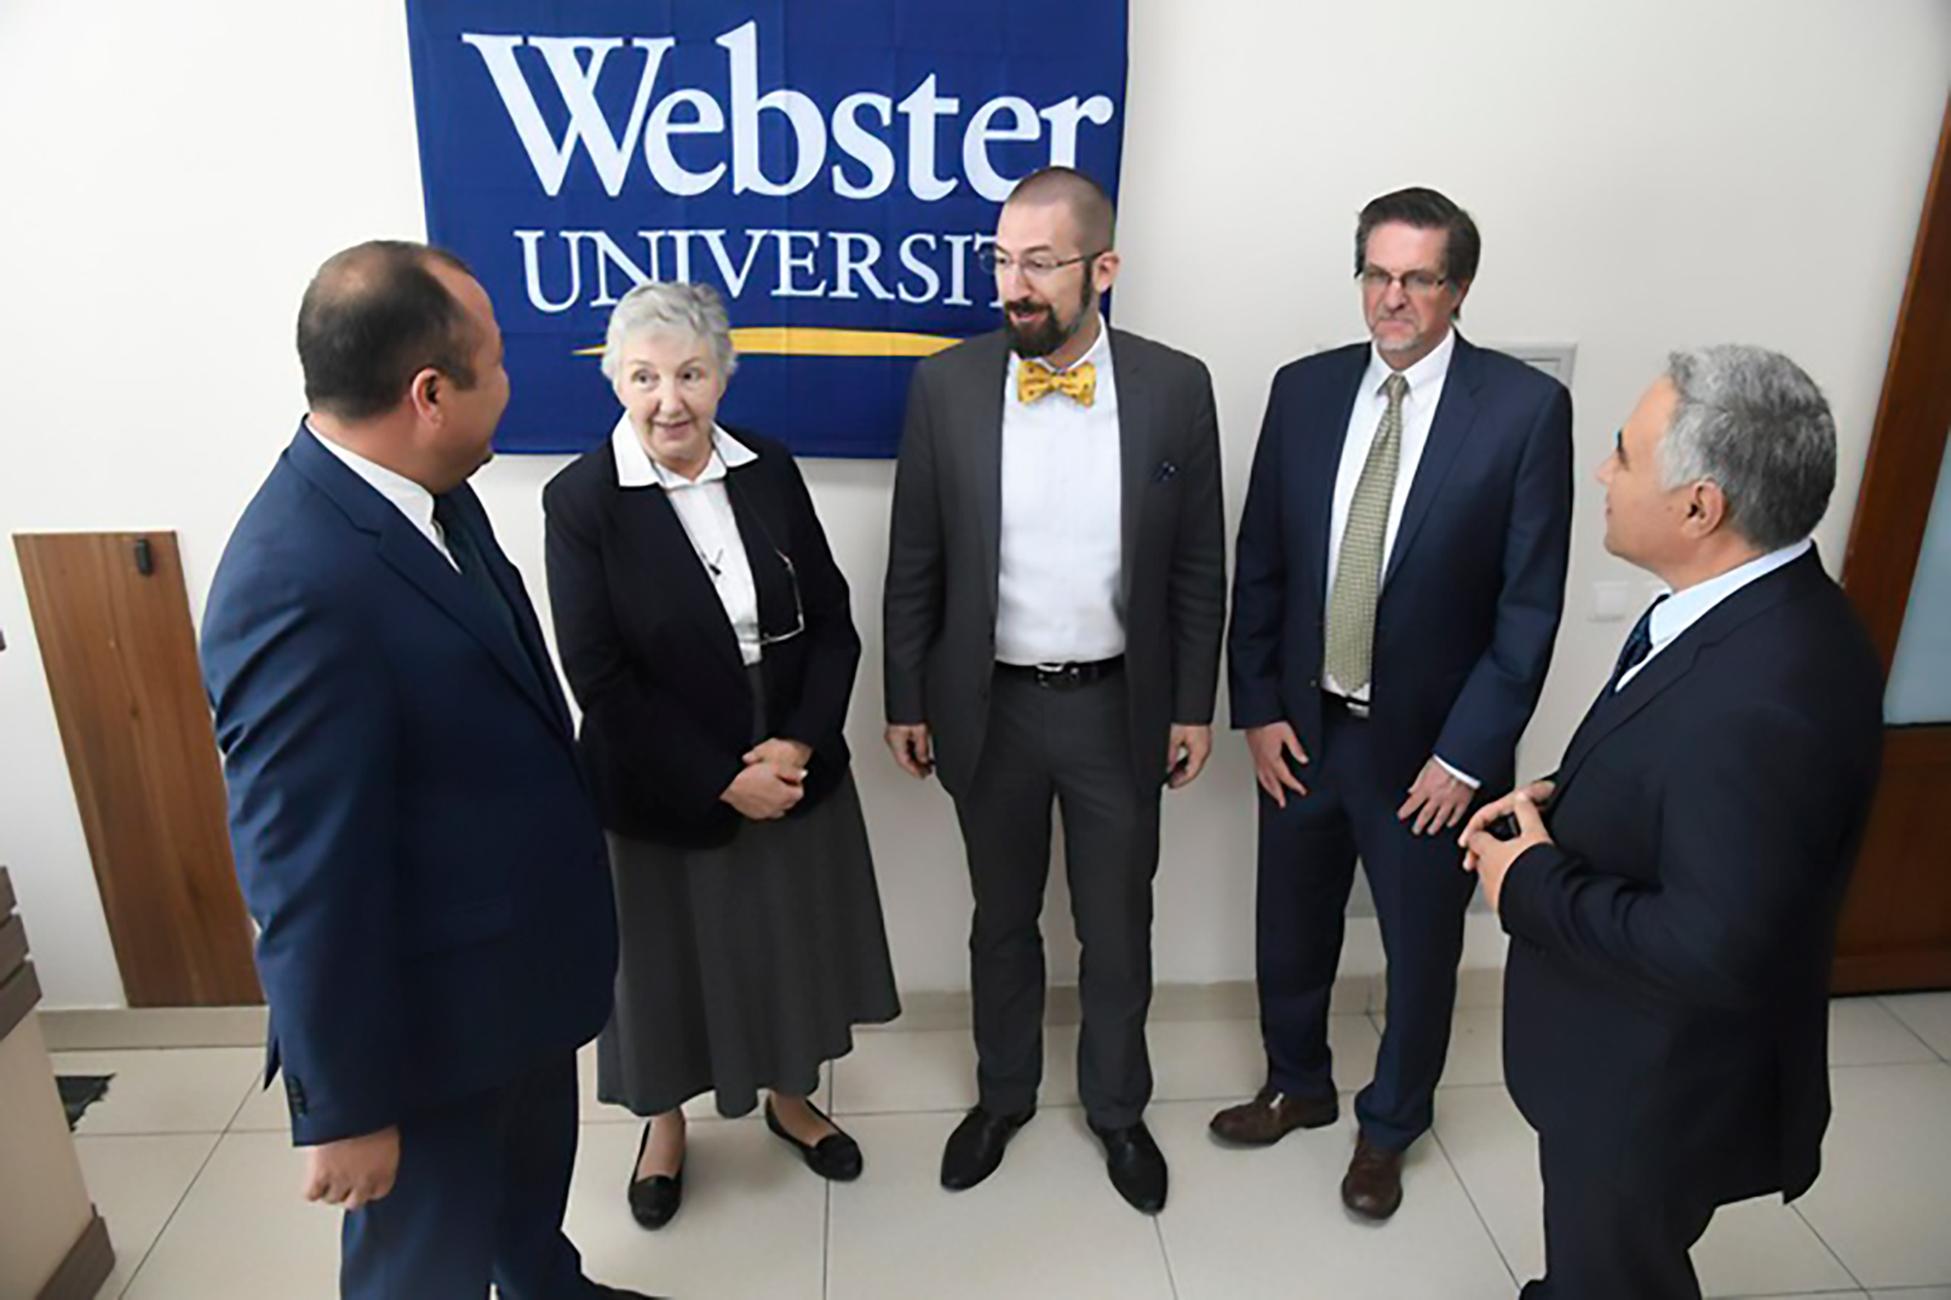 AQSHning Vebster universiteti o'zbekistonlik talabalar uchun o'z eshiklarini ochdi